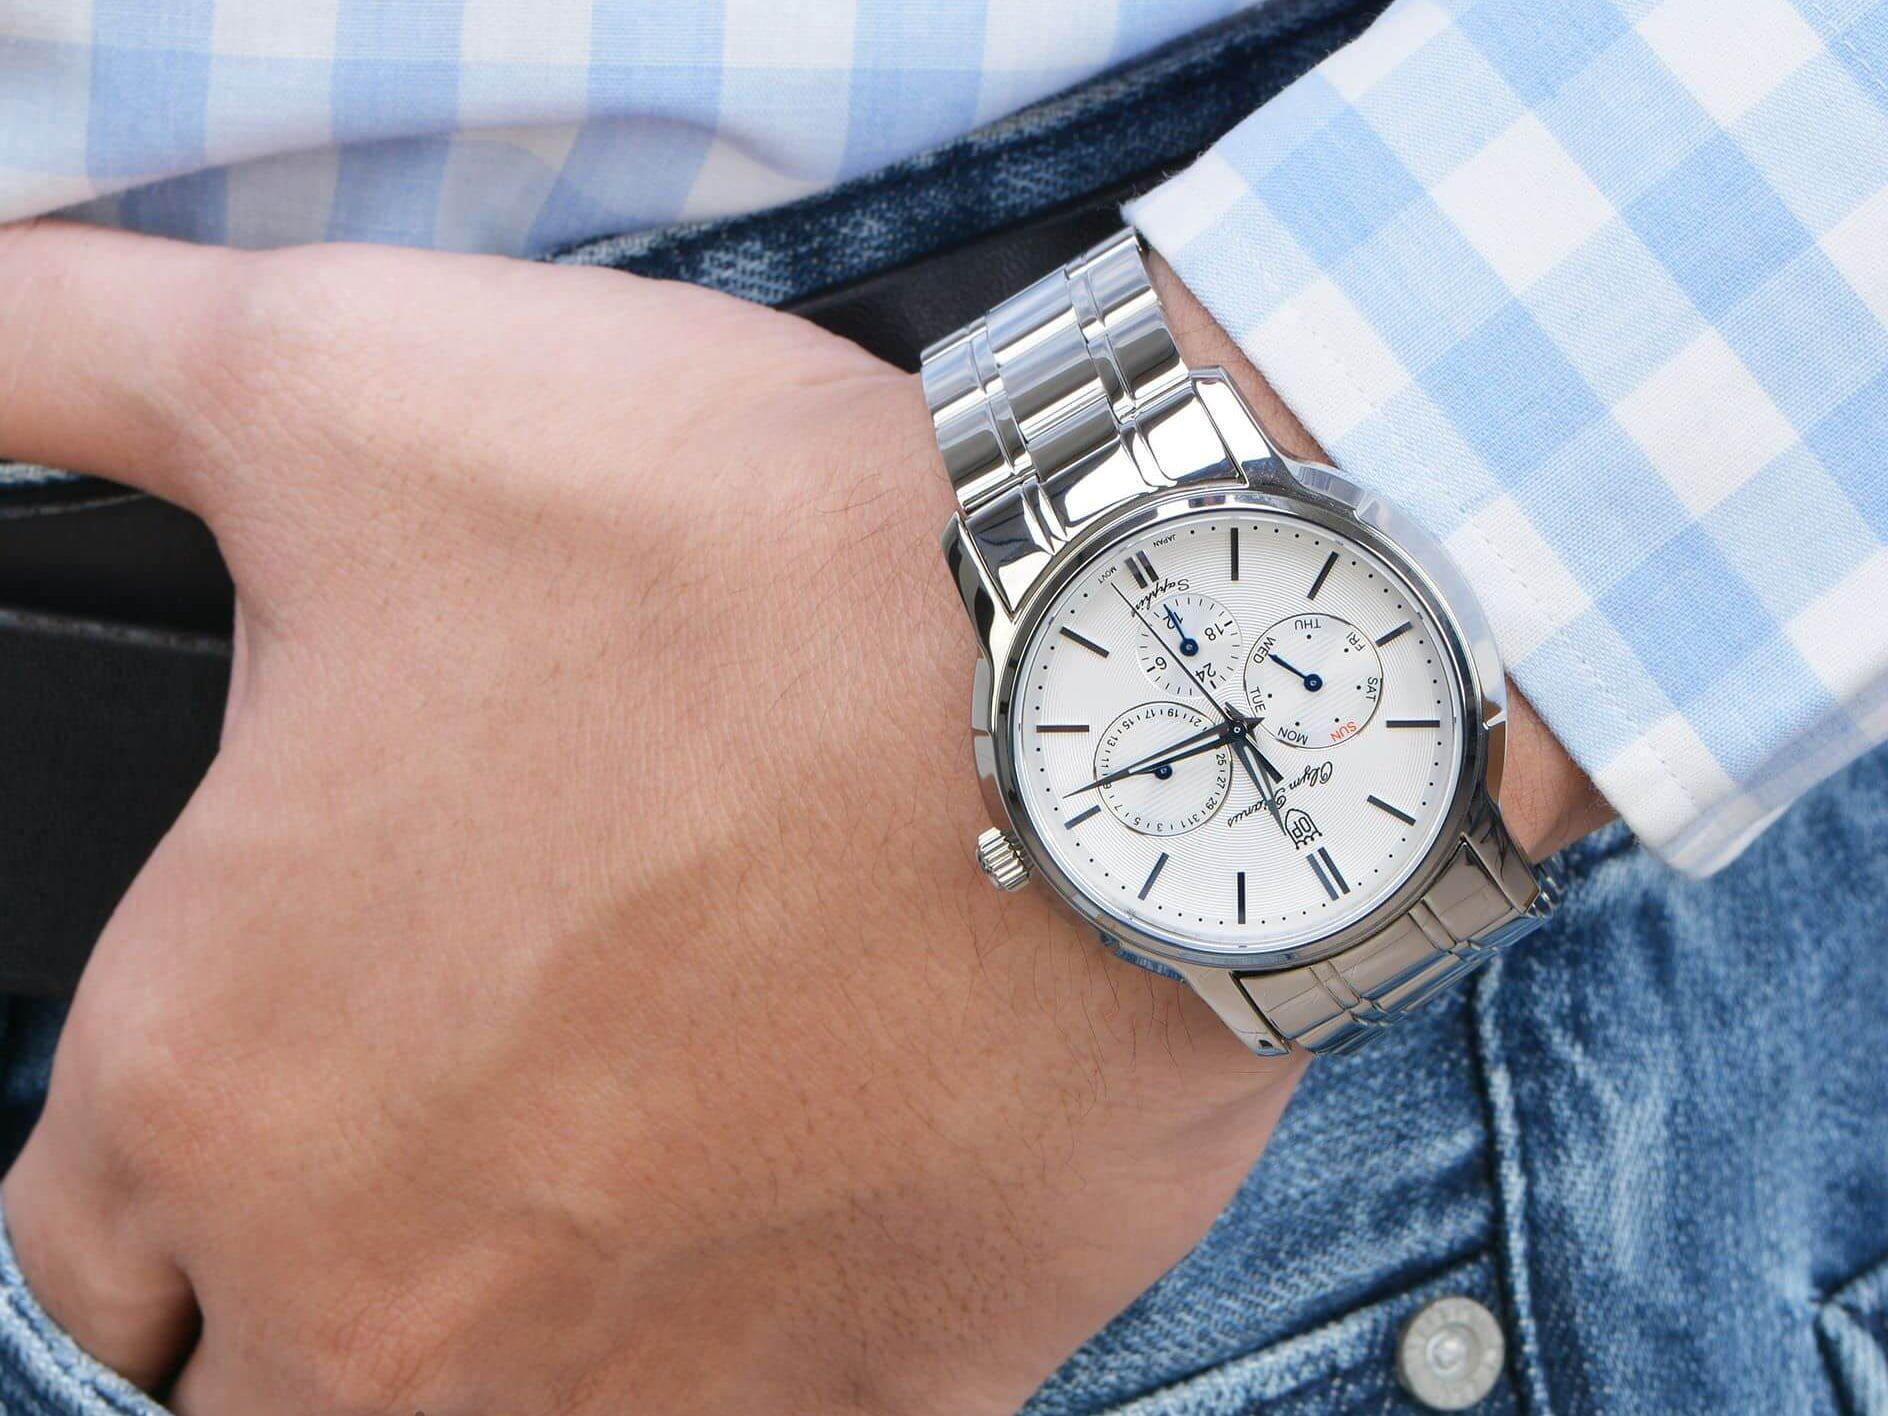 Lý do vì sao nên chọn đồng hồ op bạn cần biết